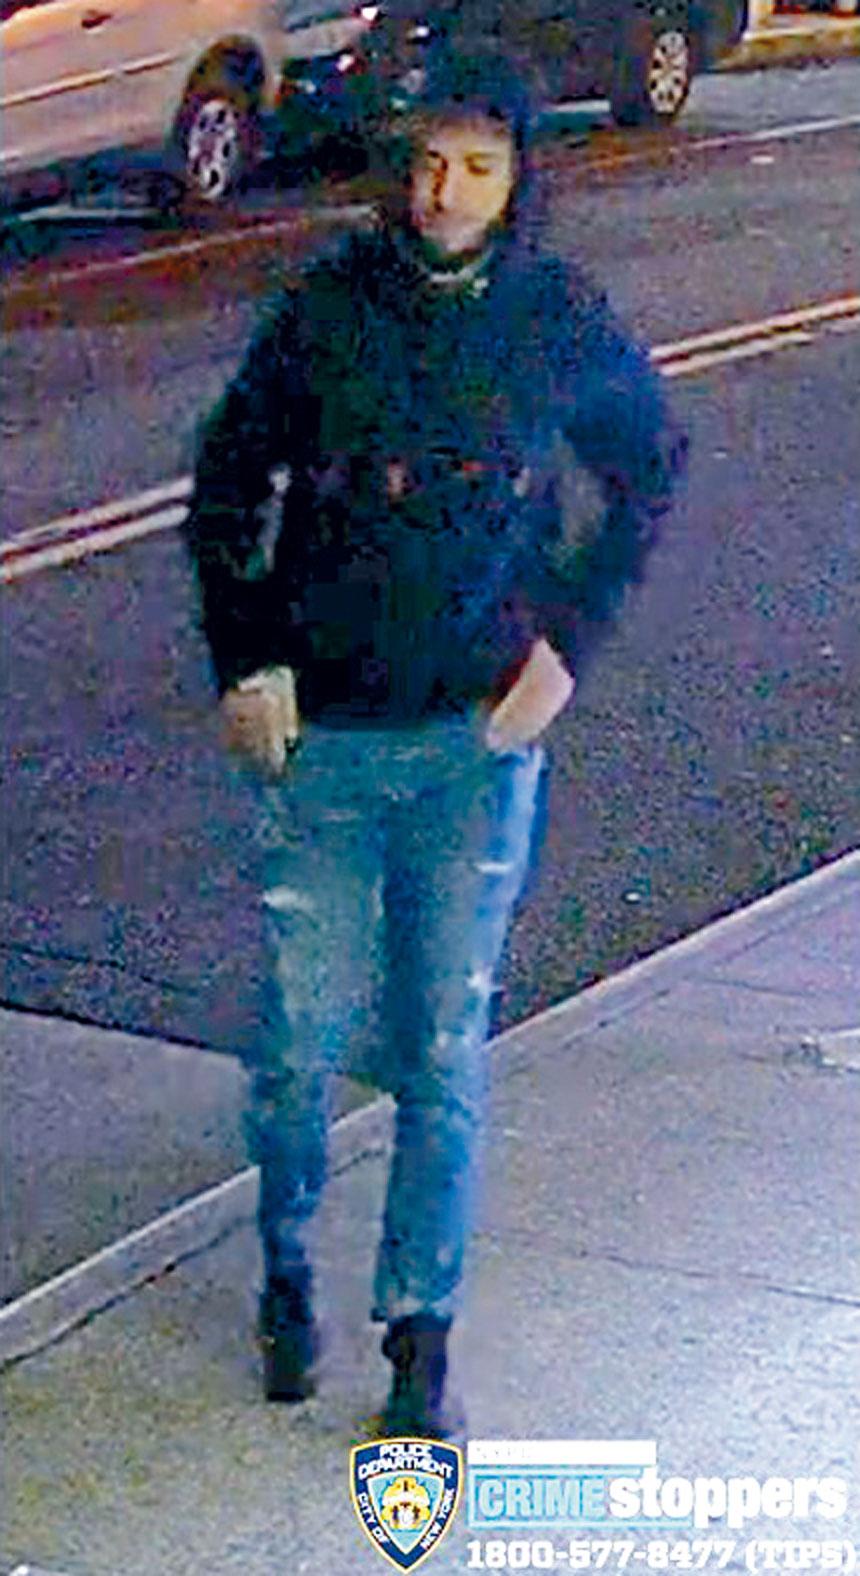 紐約市警方通緝一名涉嫌在皇后區長島市,杭特點,積臣泰及艾姆赫斯特持開箱器威嚇受害人搶劫財物的男子,呼籲民眾提供消息破案。